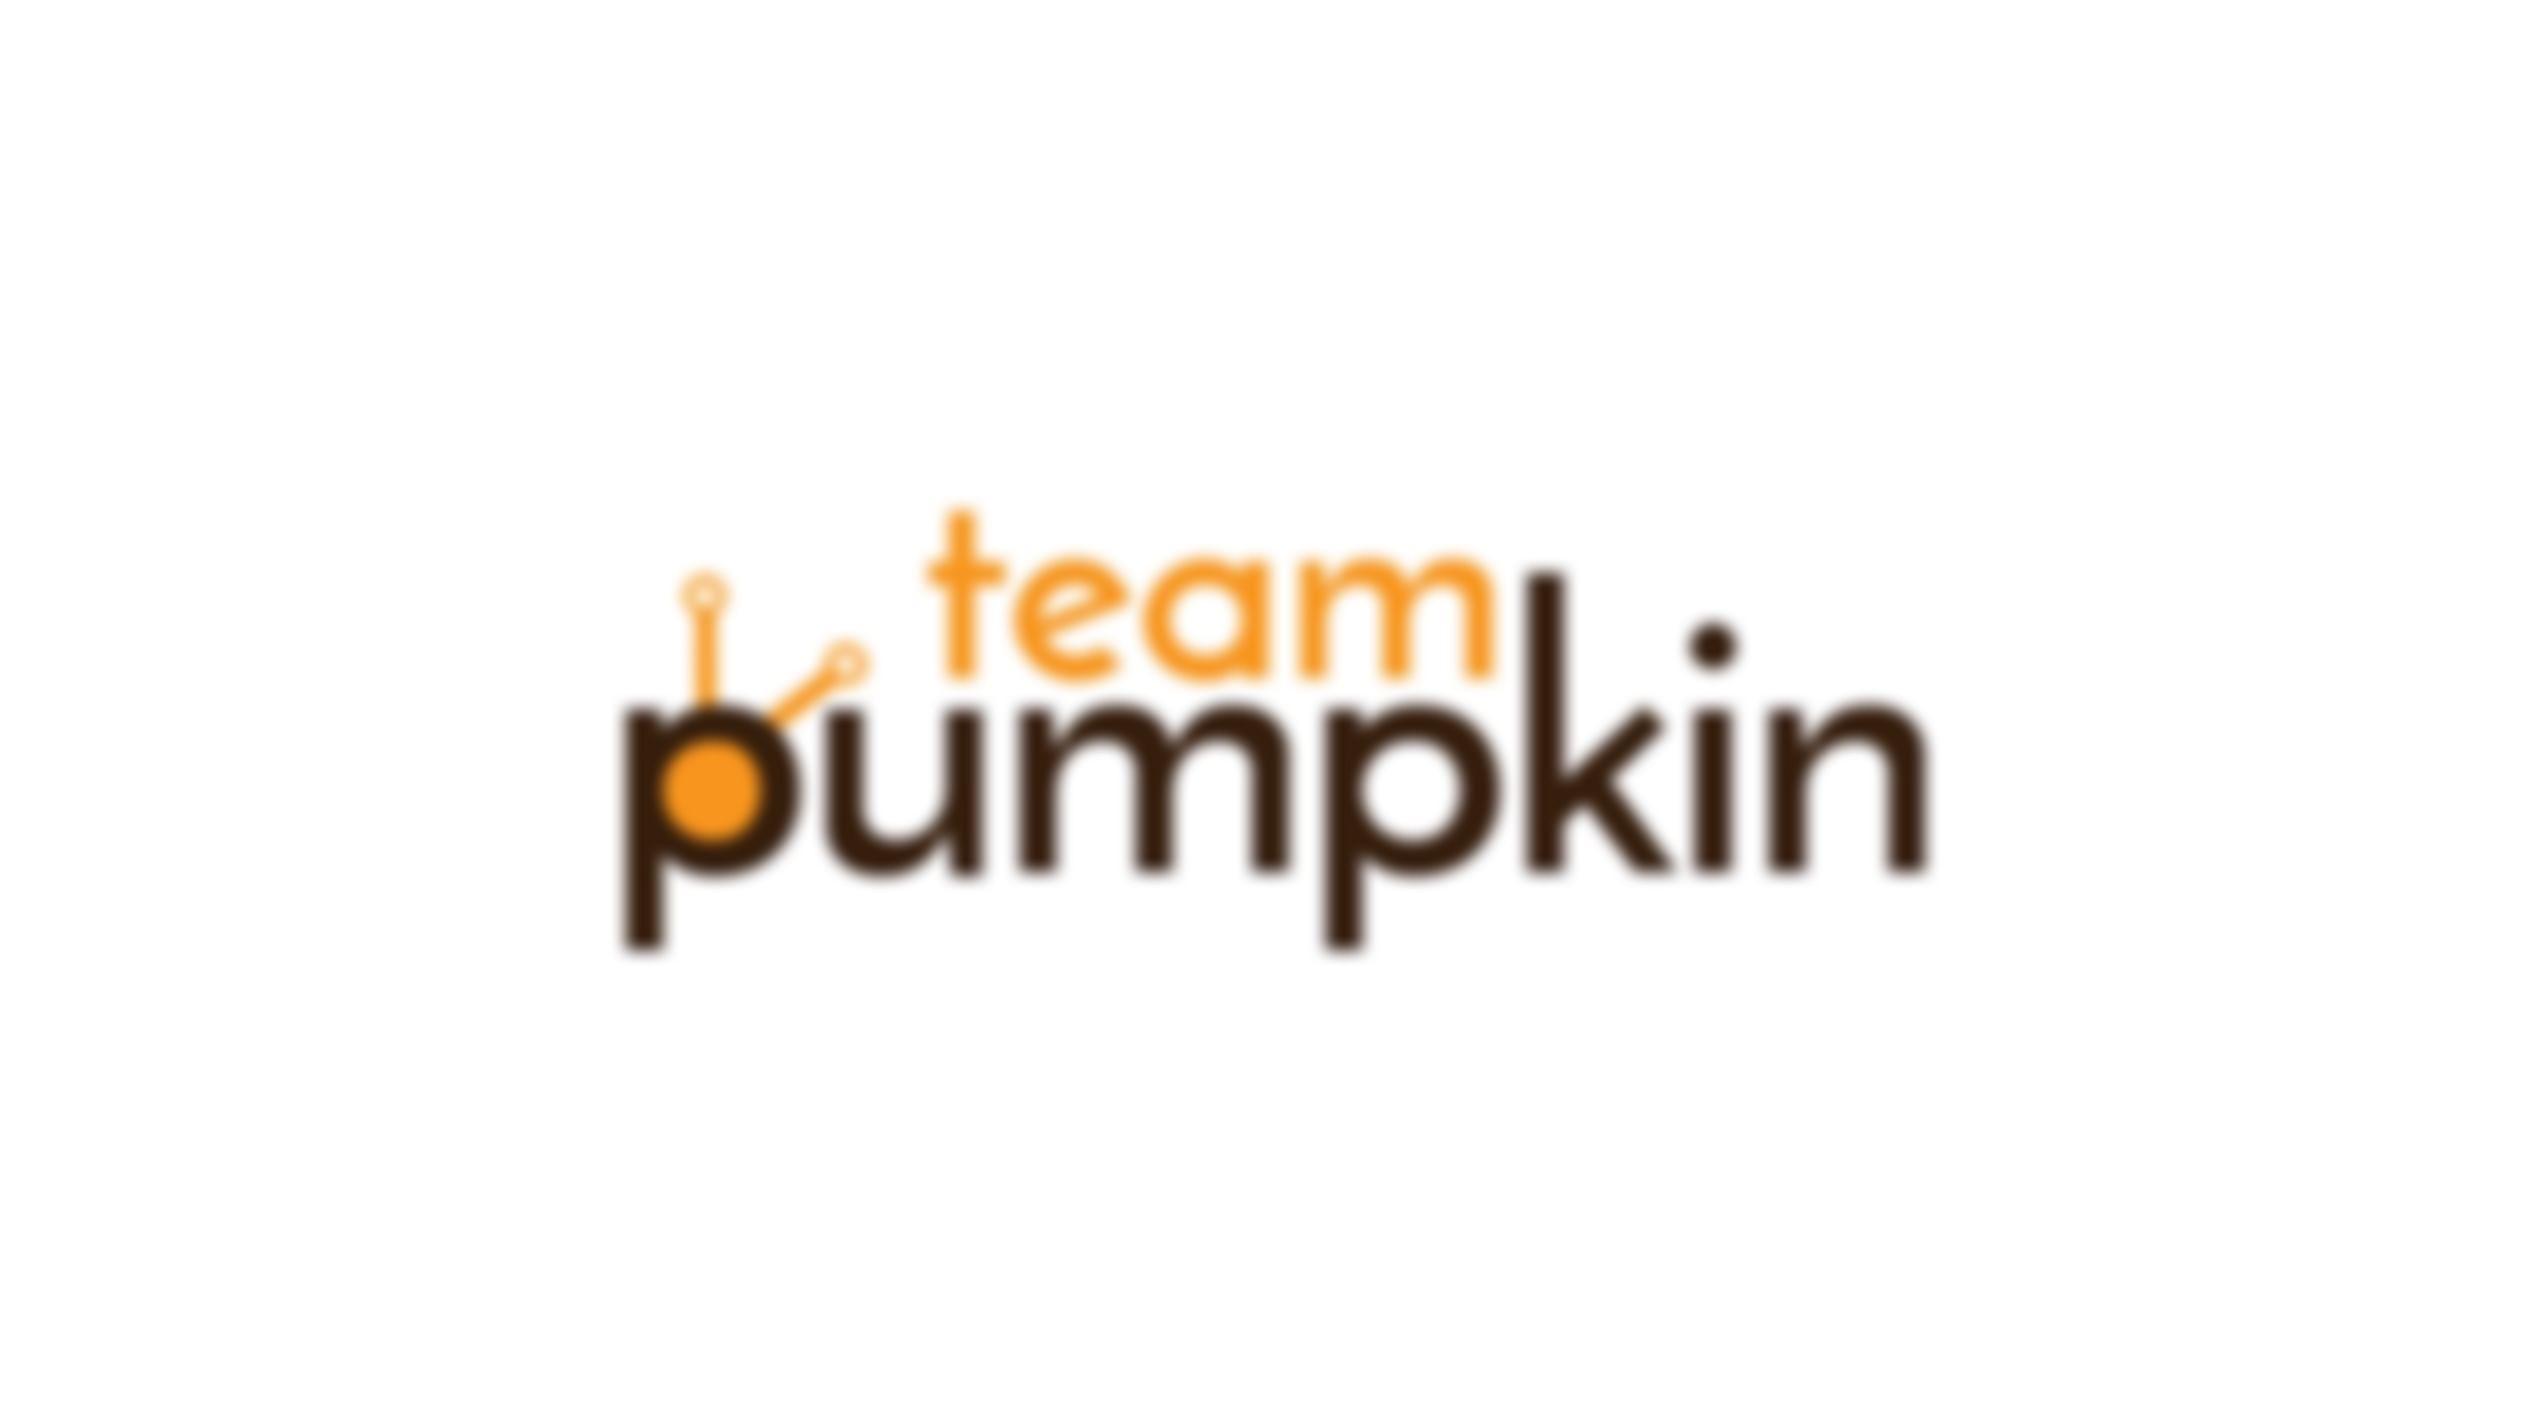 team pumpkin